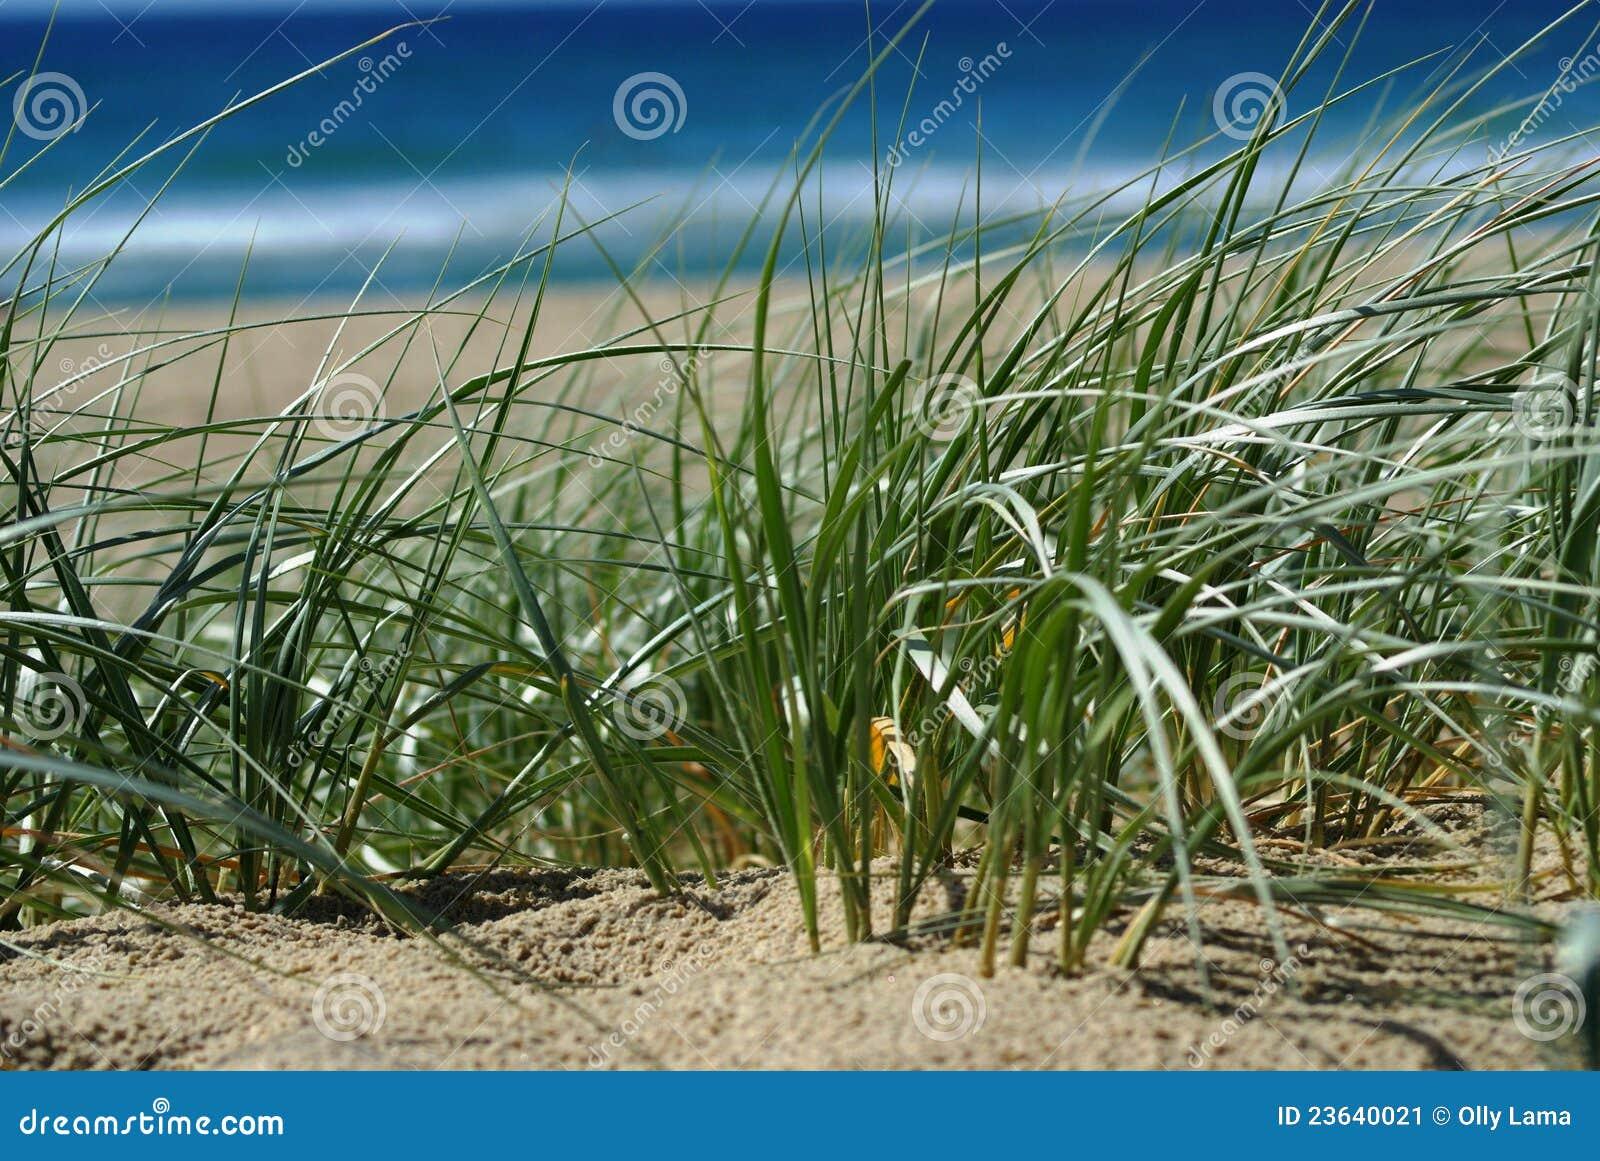 Dunas de arena de la playa imagen de archivo imagen de for Arena de playa precio